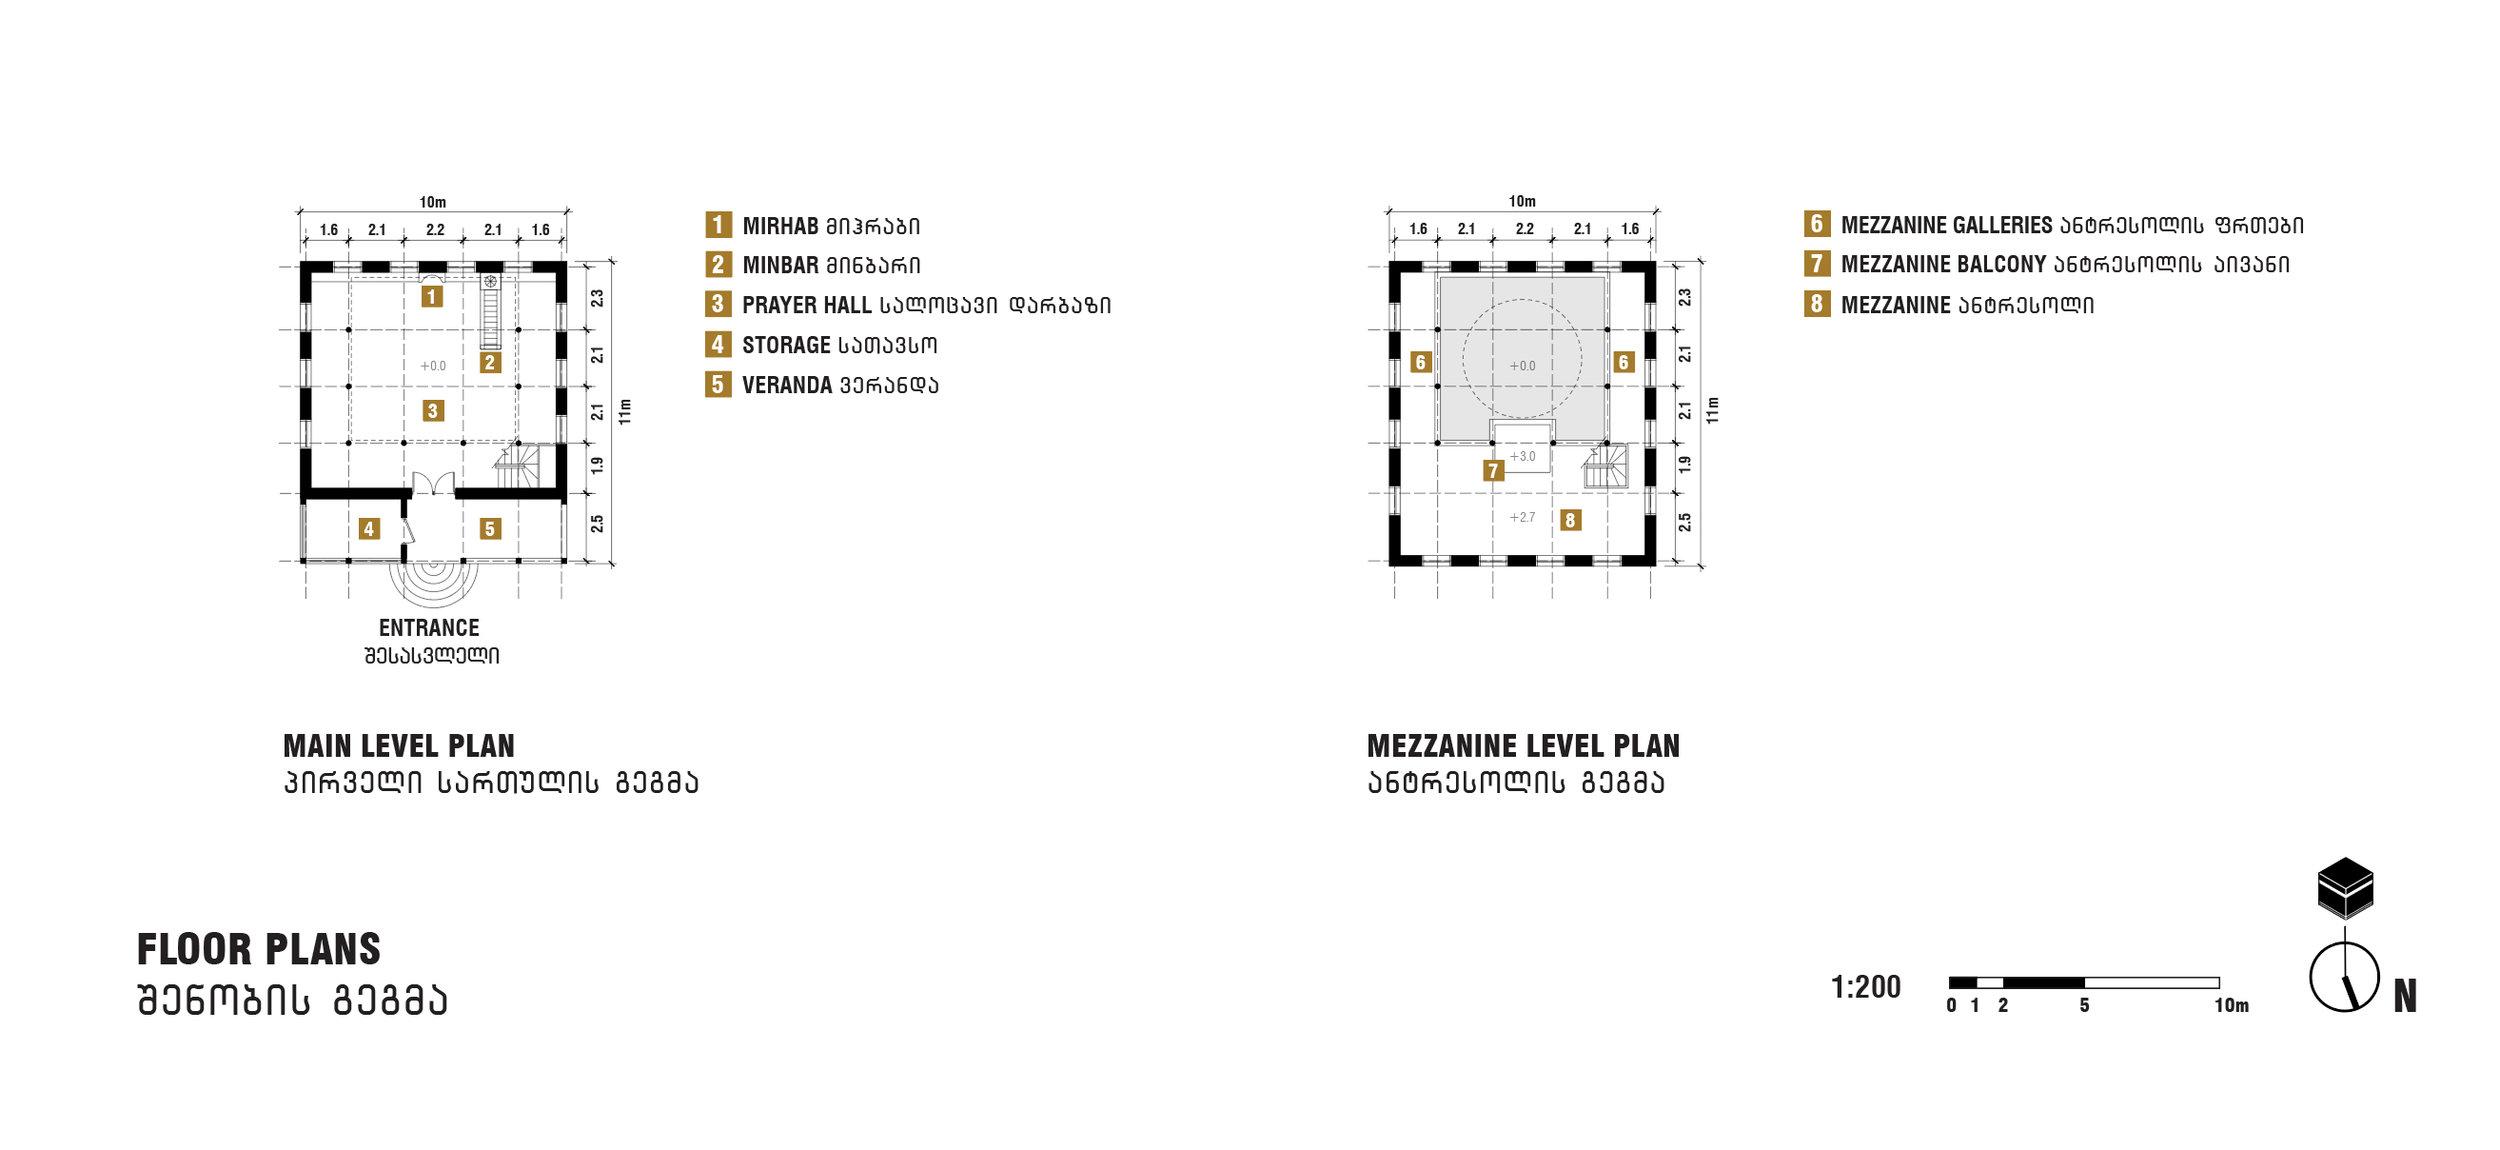 ZUNDAGI_Floorplans 1-200 copy.jpg